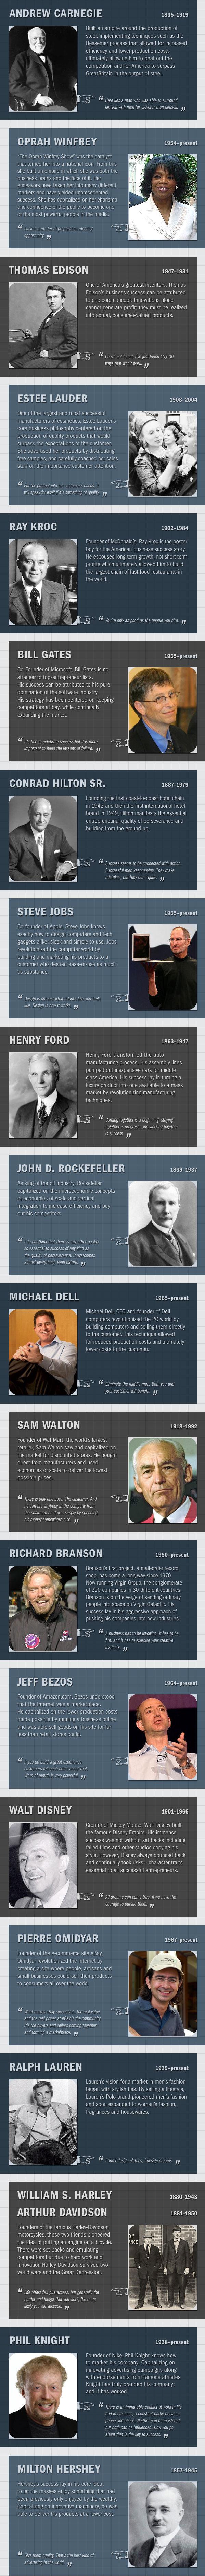 Los mejores emprendedores de los últimos 100 años